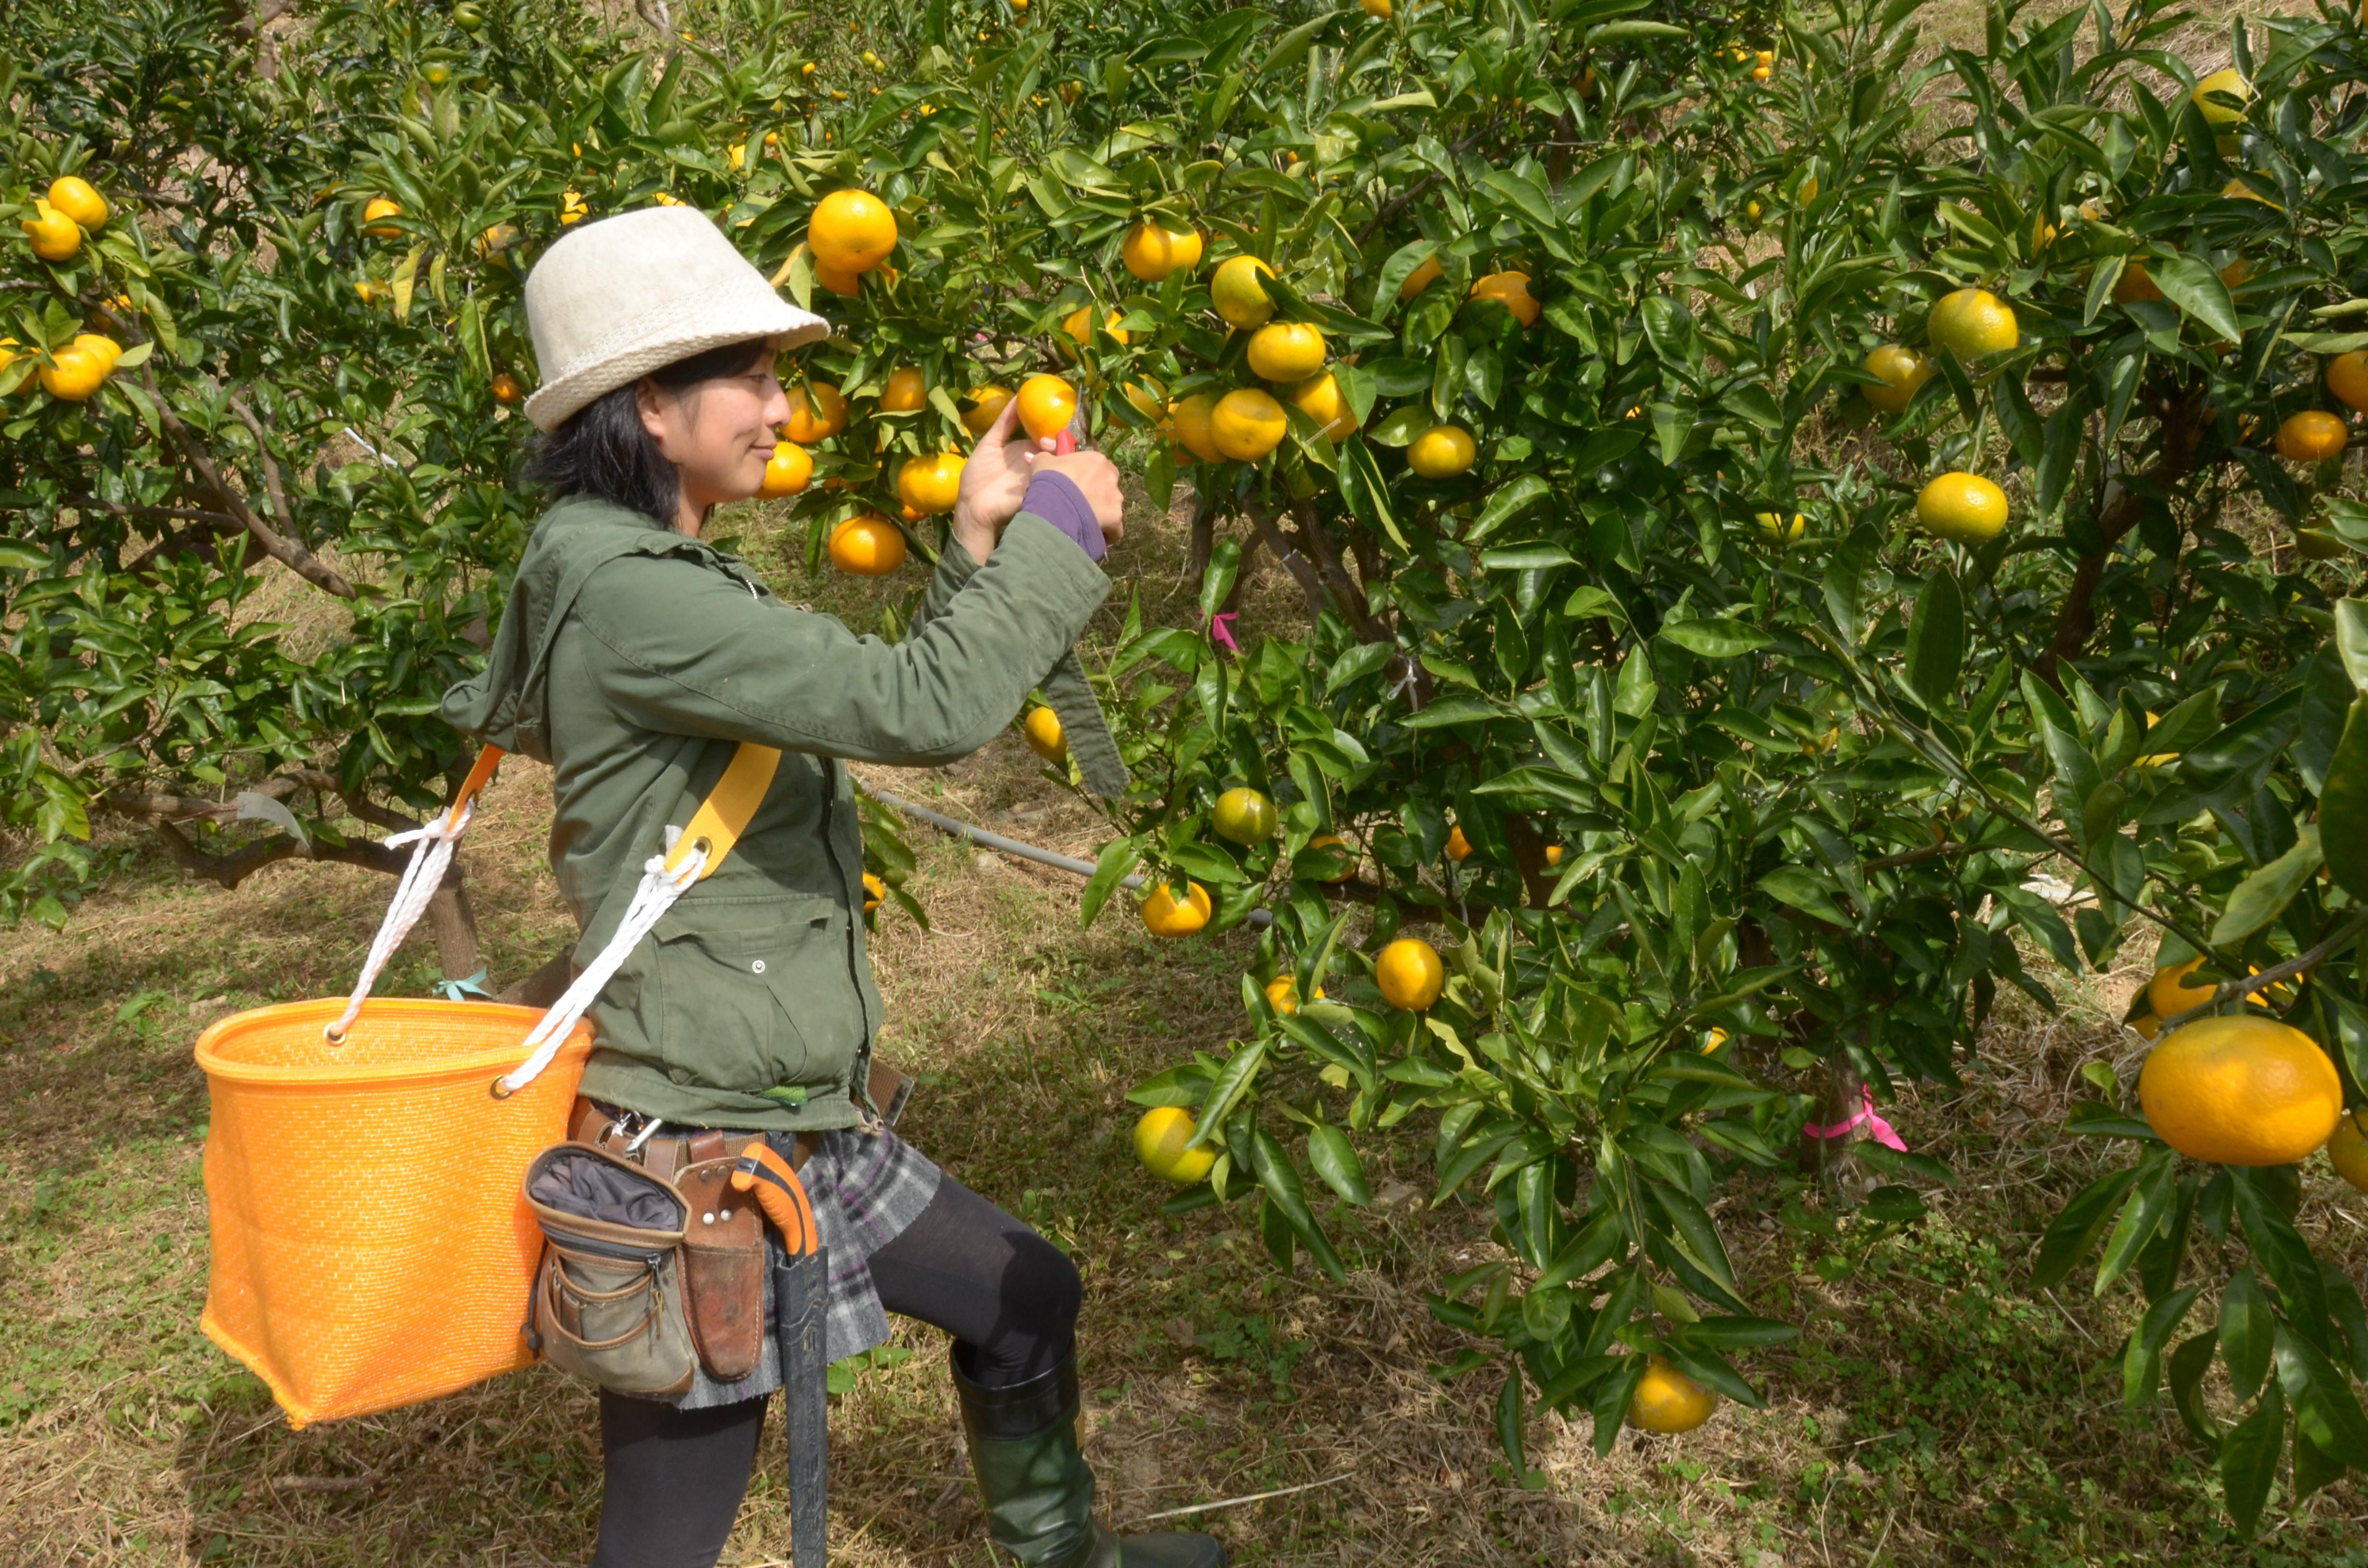 「収穫がはじまりました! 援農サポーター、募集します*\(^o^)/*」